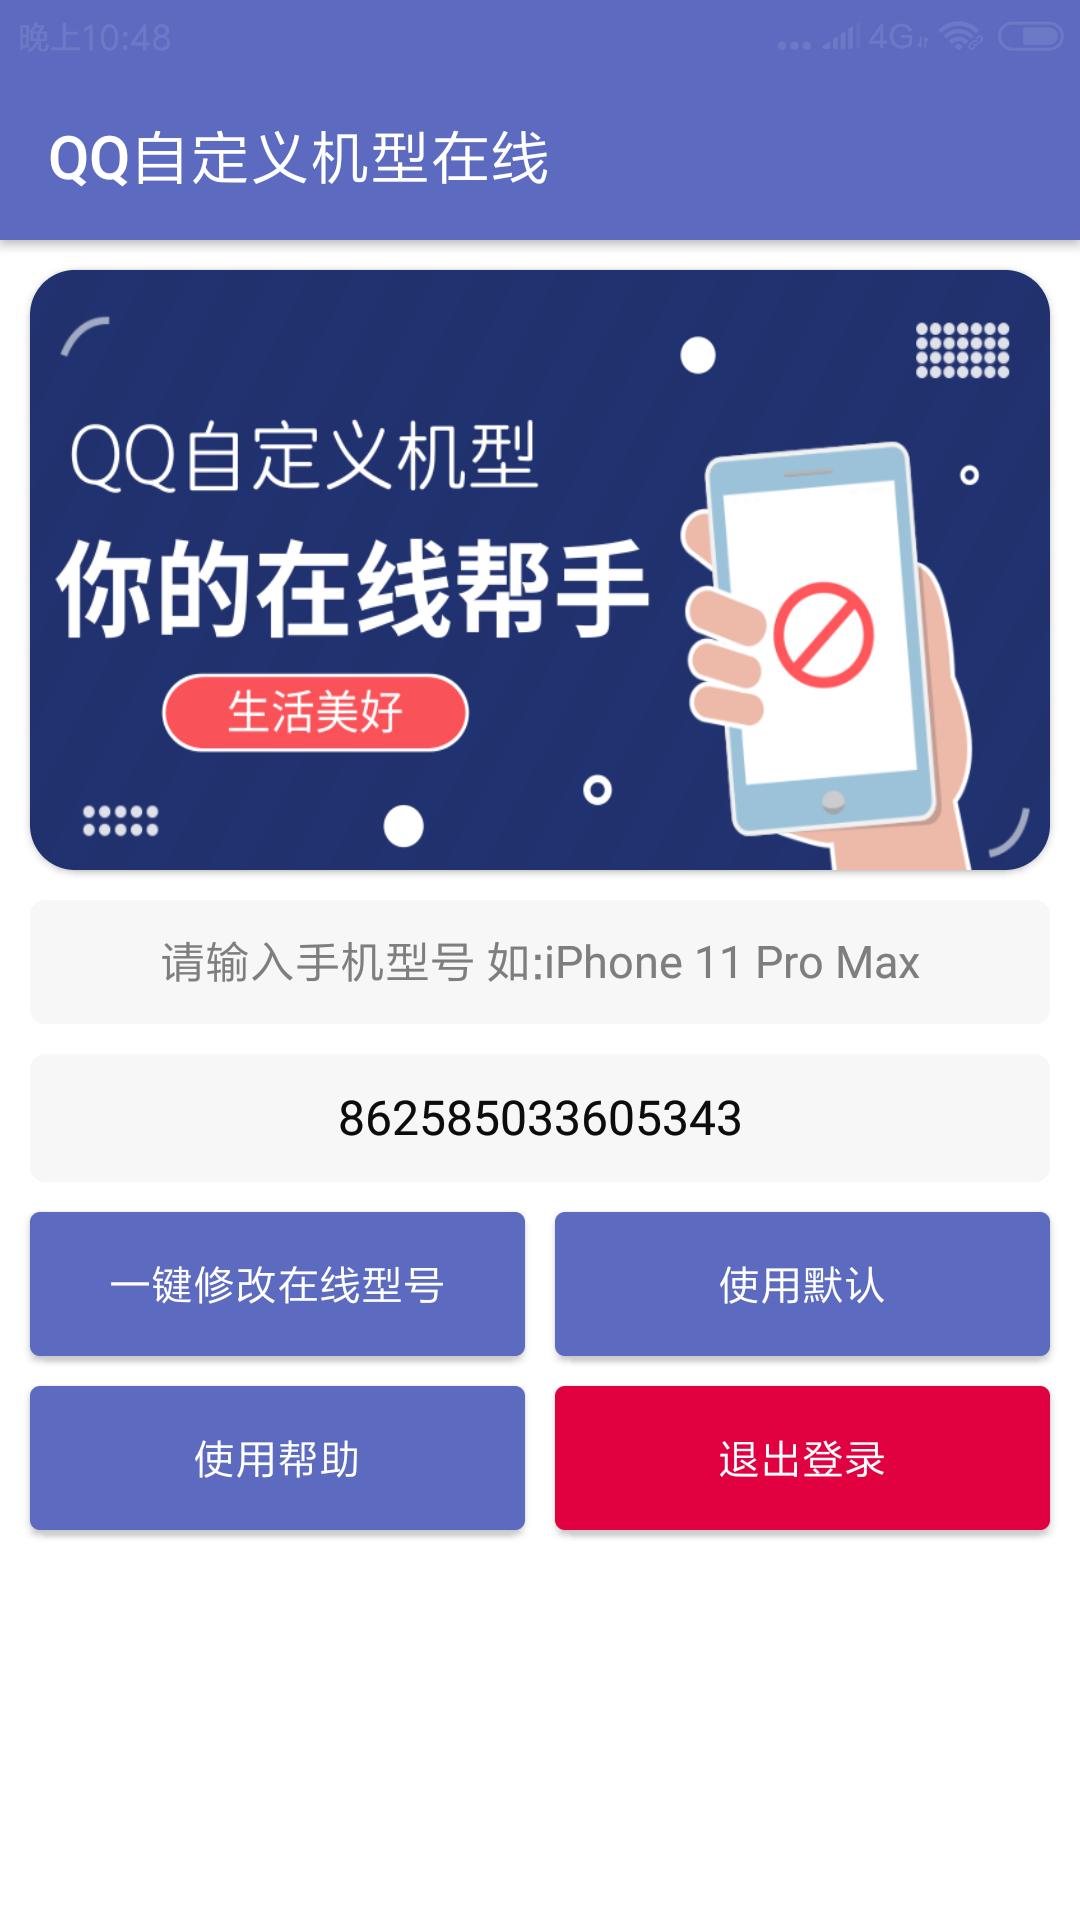 【分享】QQ自定义在线2.0-爱小助